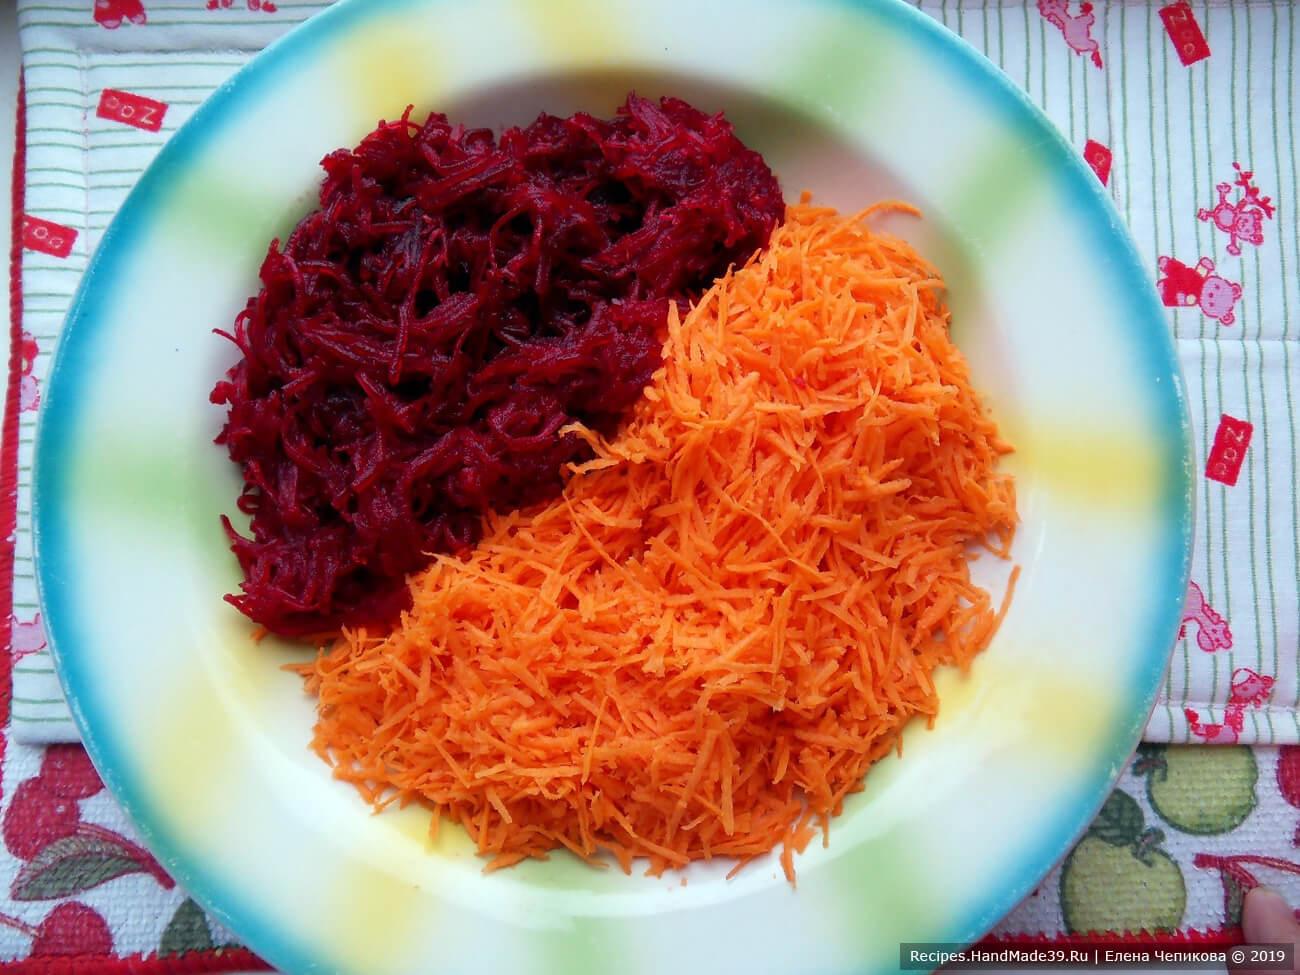 Сырую морковь вымыть, очистить. Натереть сырую морковь и варёную свёклу на мелкой тёрке